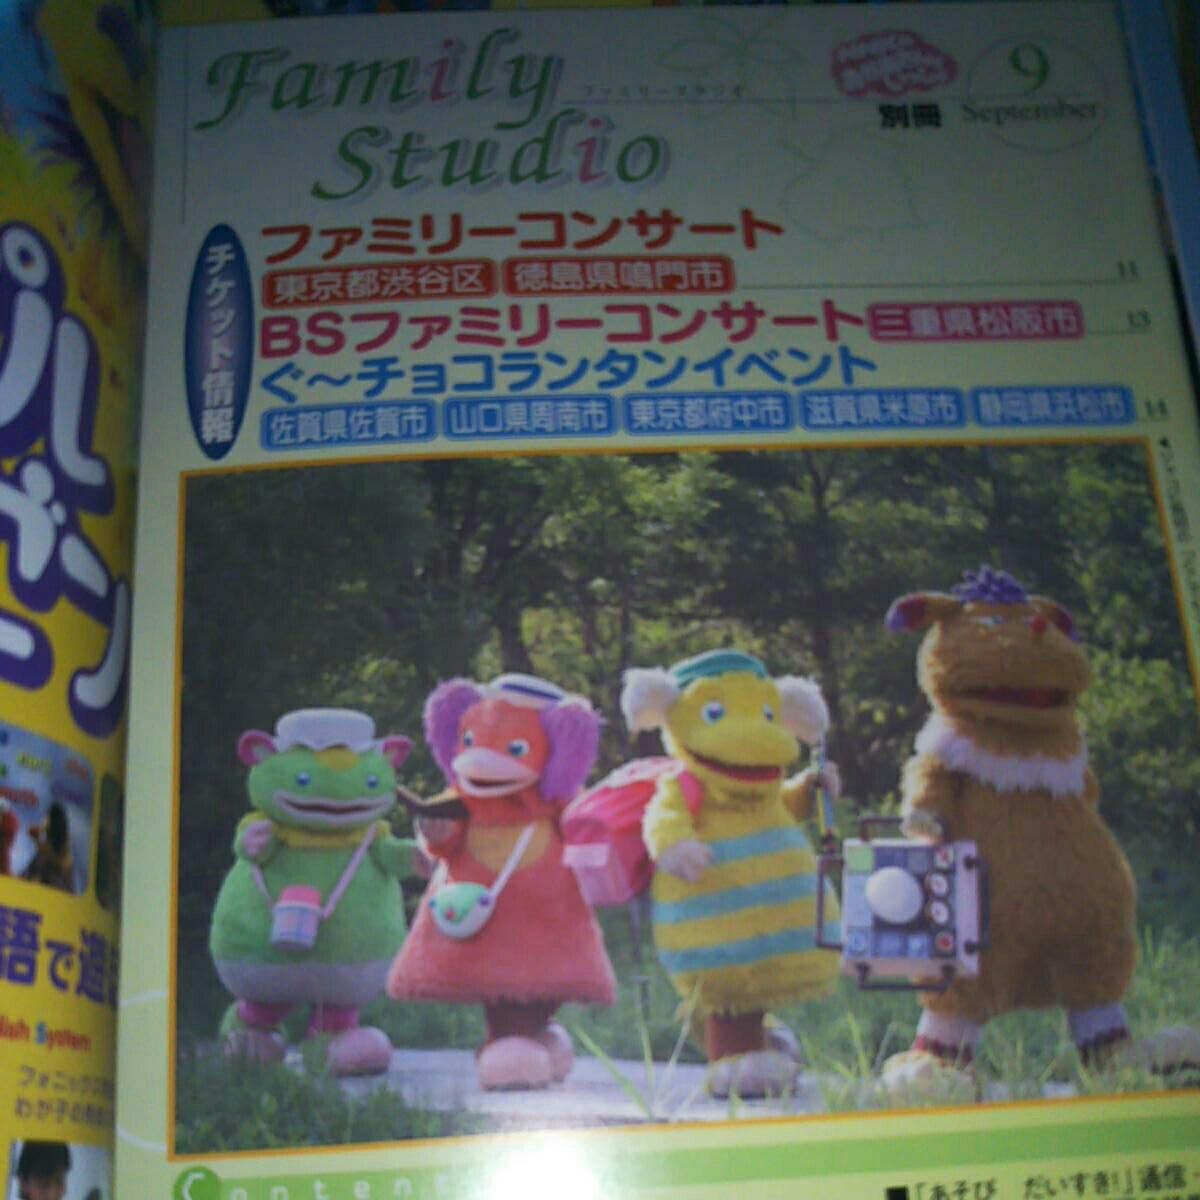 中古 雑誌nhkおかあさんといっしょ 2005年9月号 今井ゆうぞう